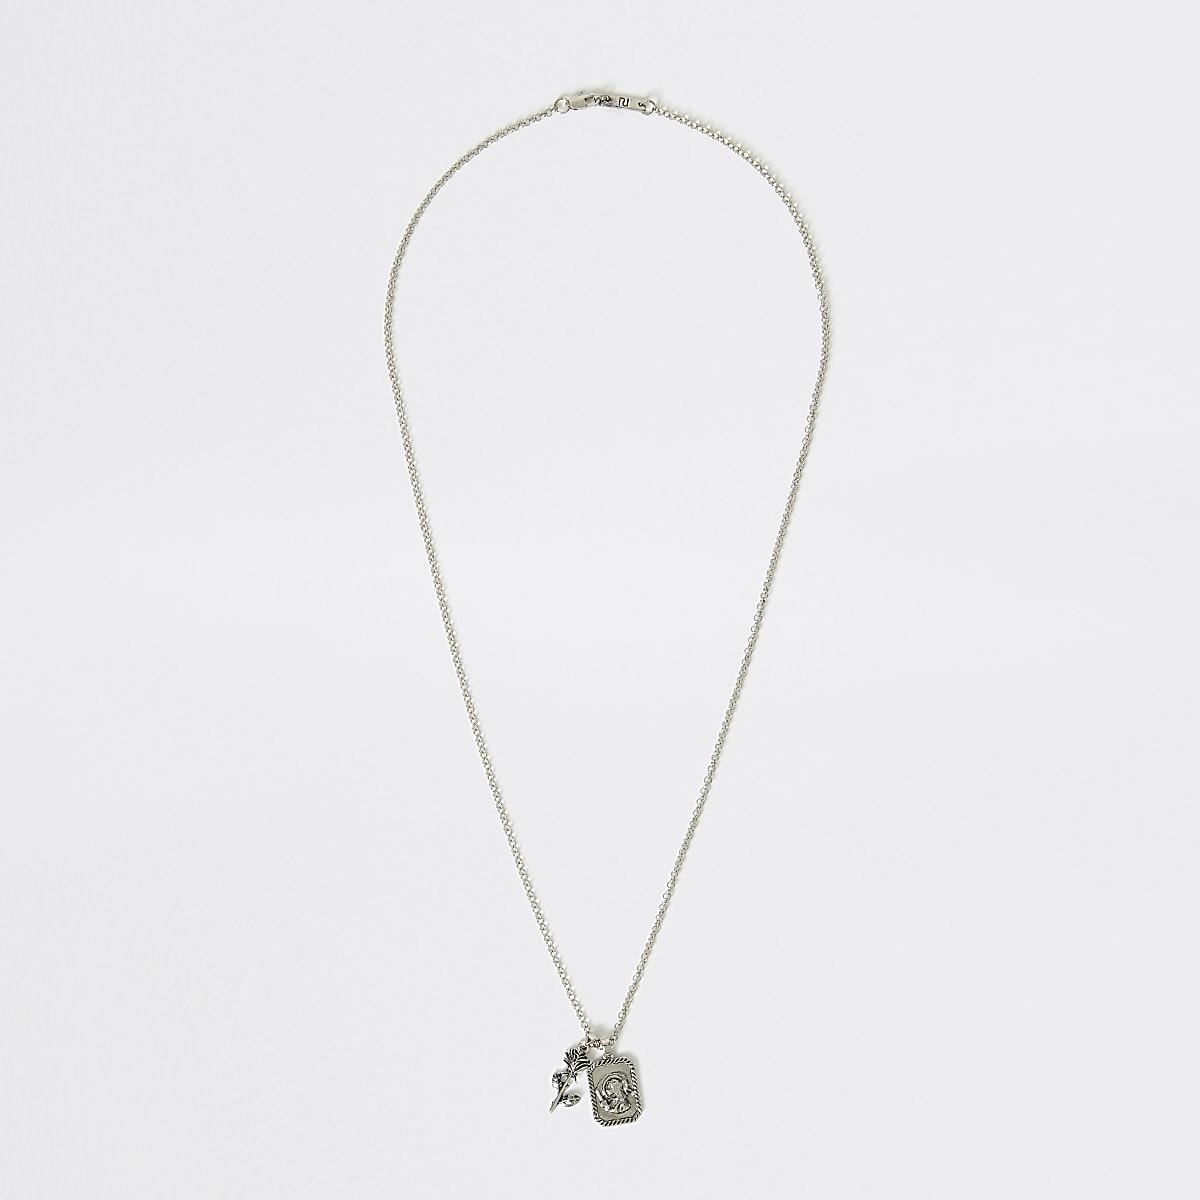 Silver colour rose charm pendant necklace